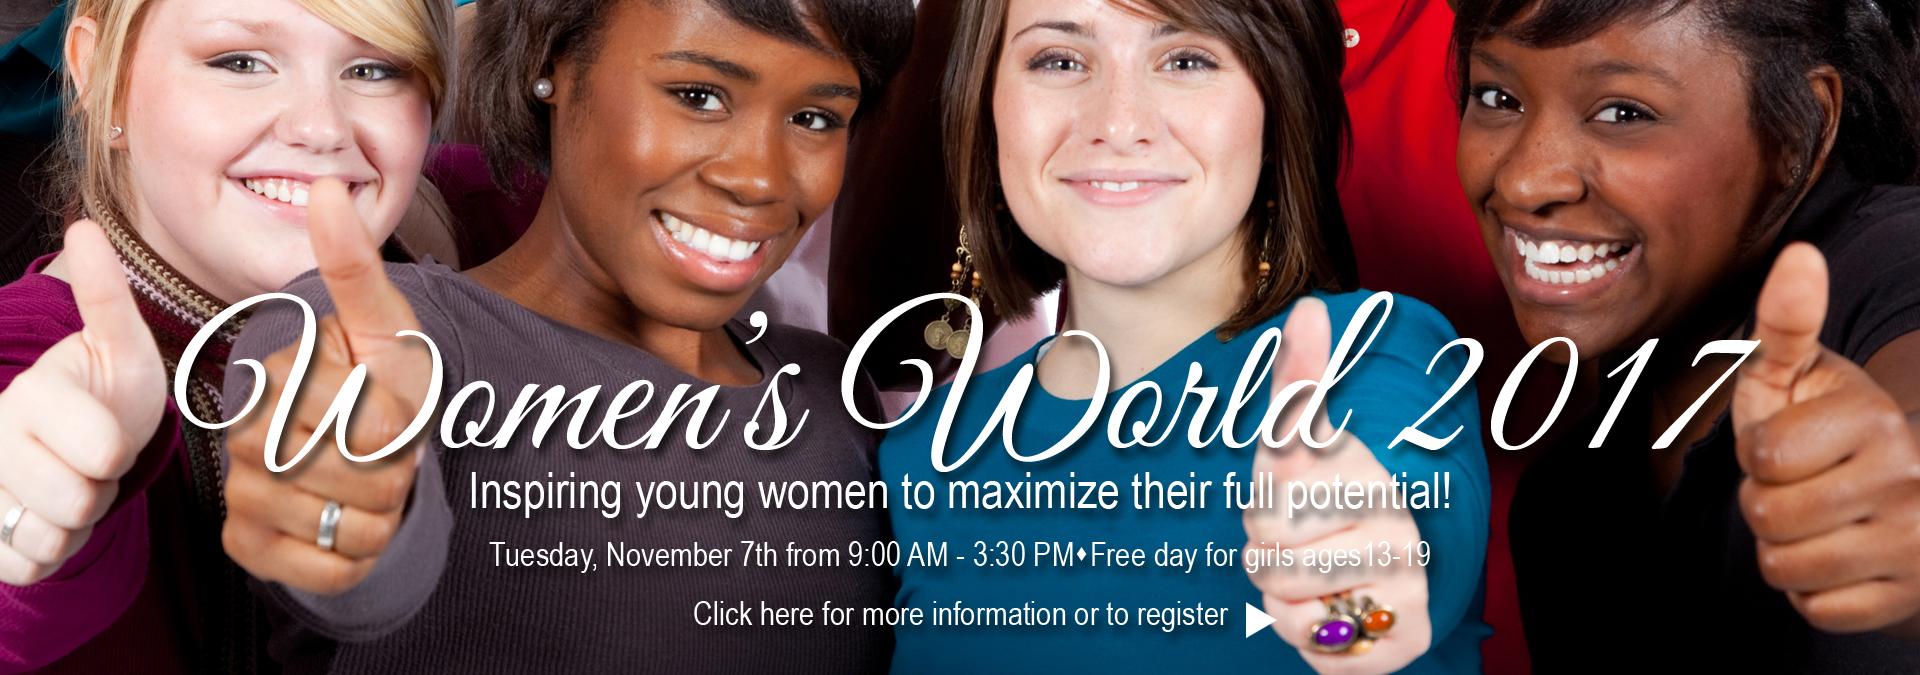 Women's World 2017